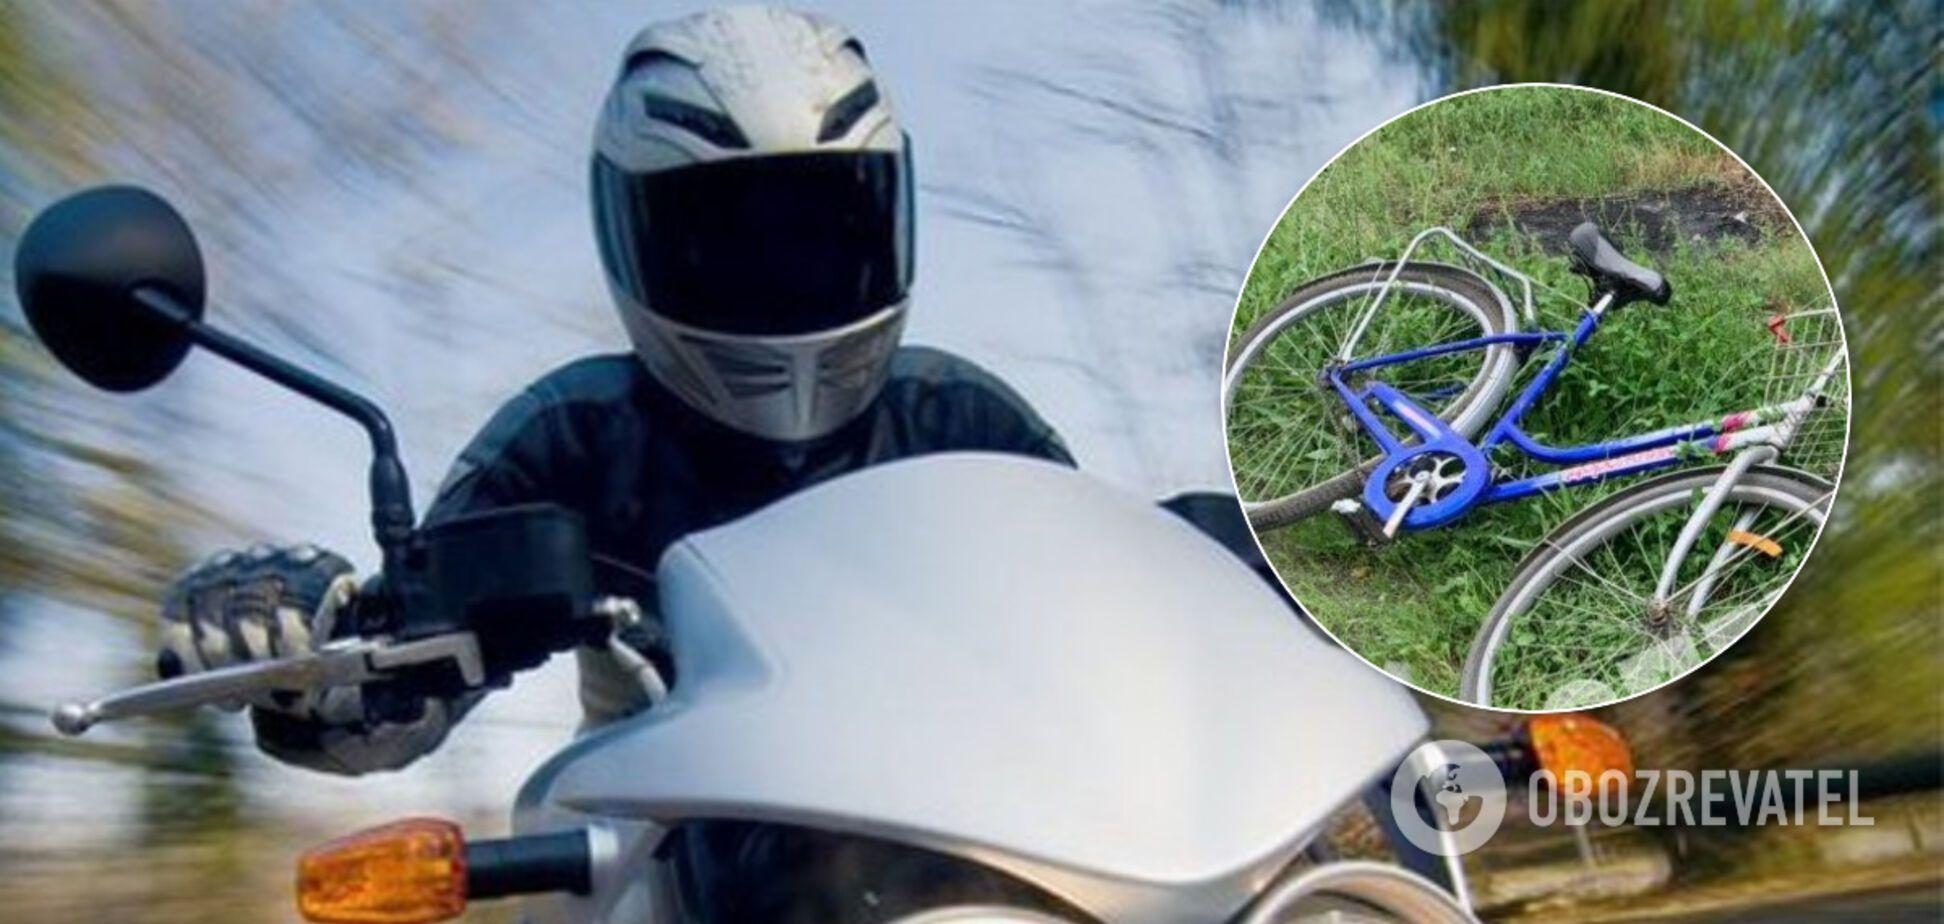 В Днепре подросток на скутере устроил ДТП: есть пострадавшие